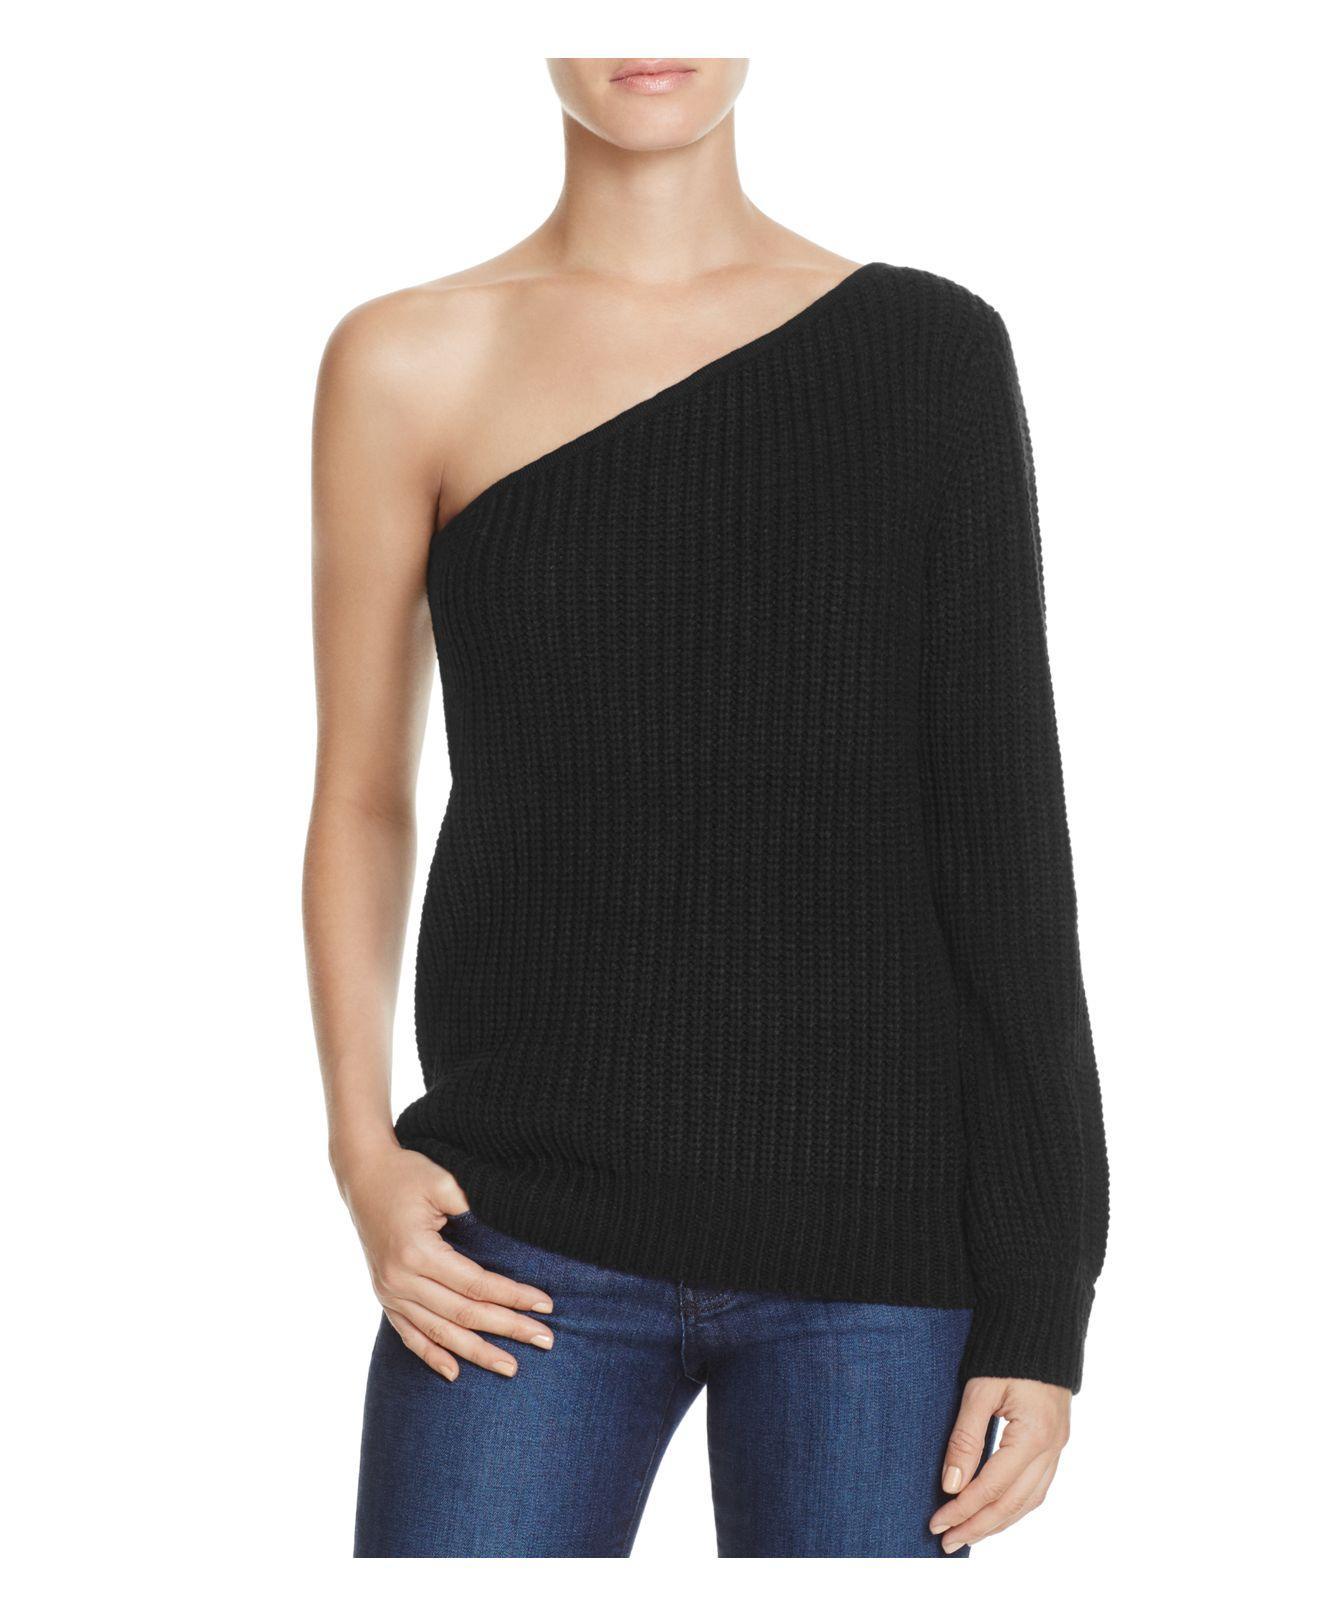 lyst olivaceous one shoulder sweater in black. Black Bedroom Furniture Sets. Home Design Ideas